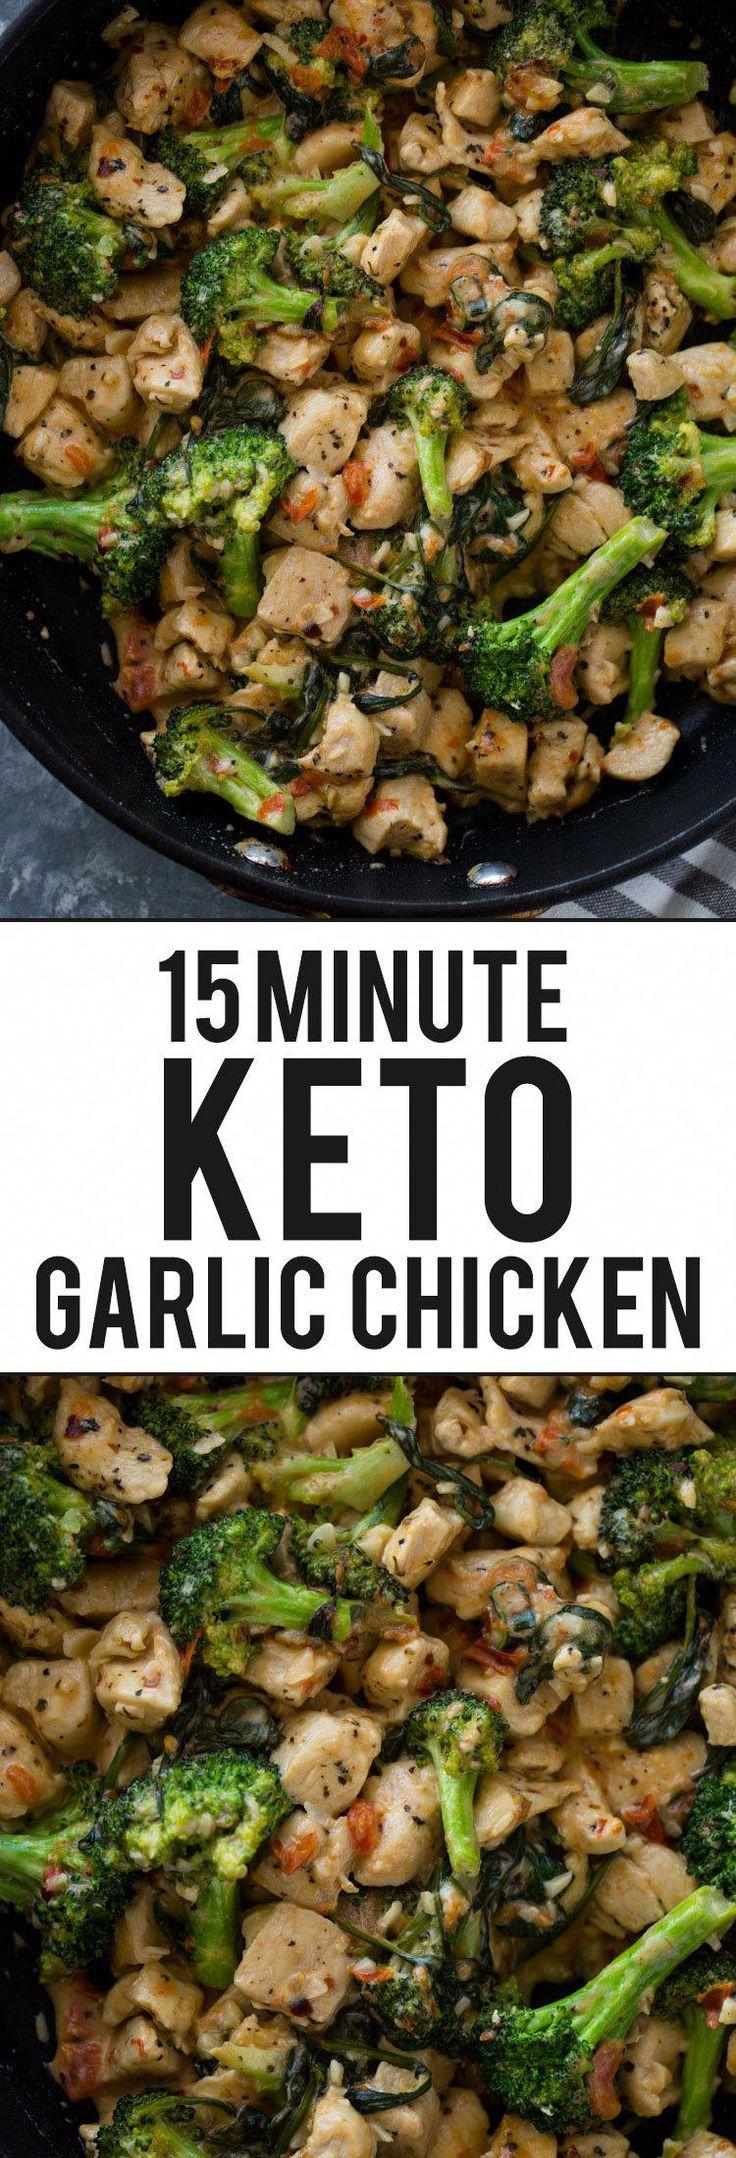 15 Minuten Keto Knoblauch Hähnchen mit Brokkoli und Spinat #ketorecipes